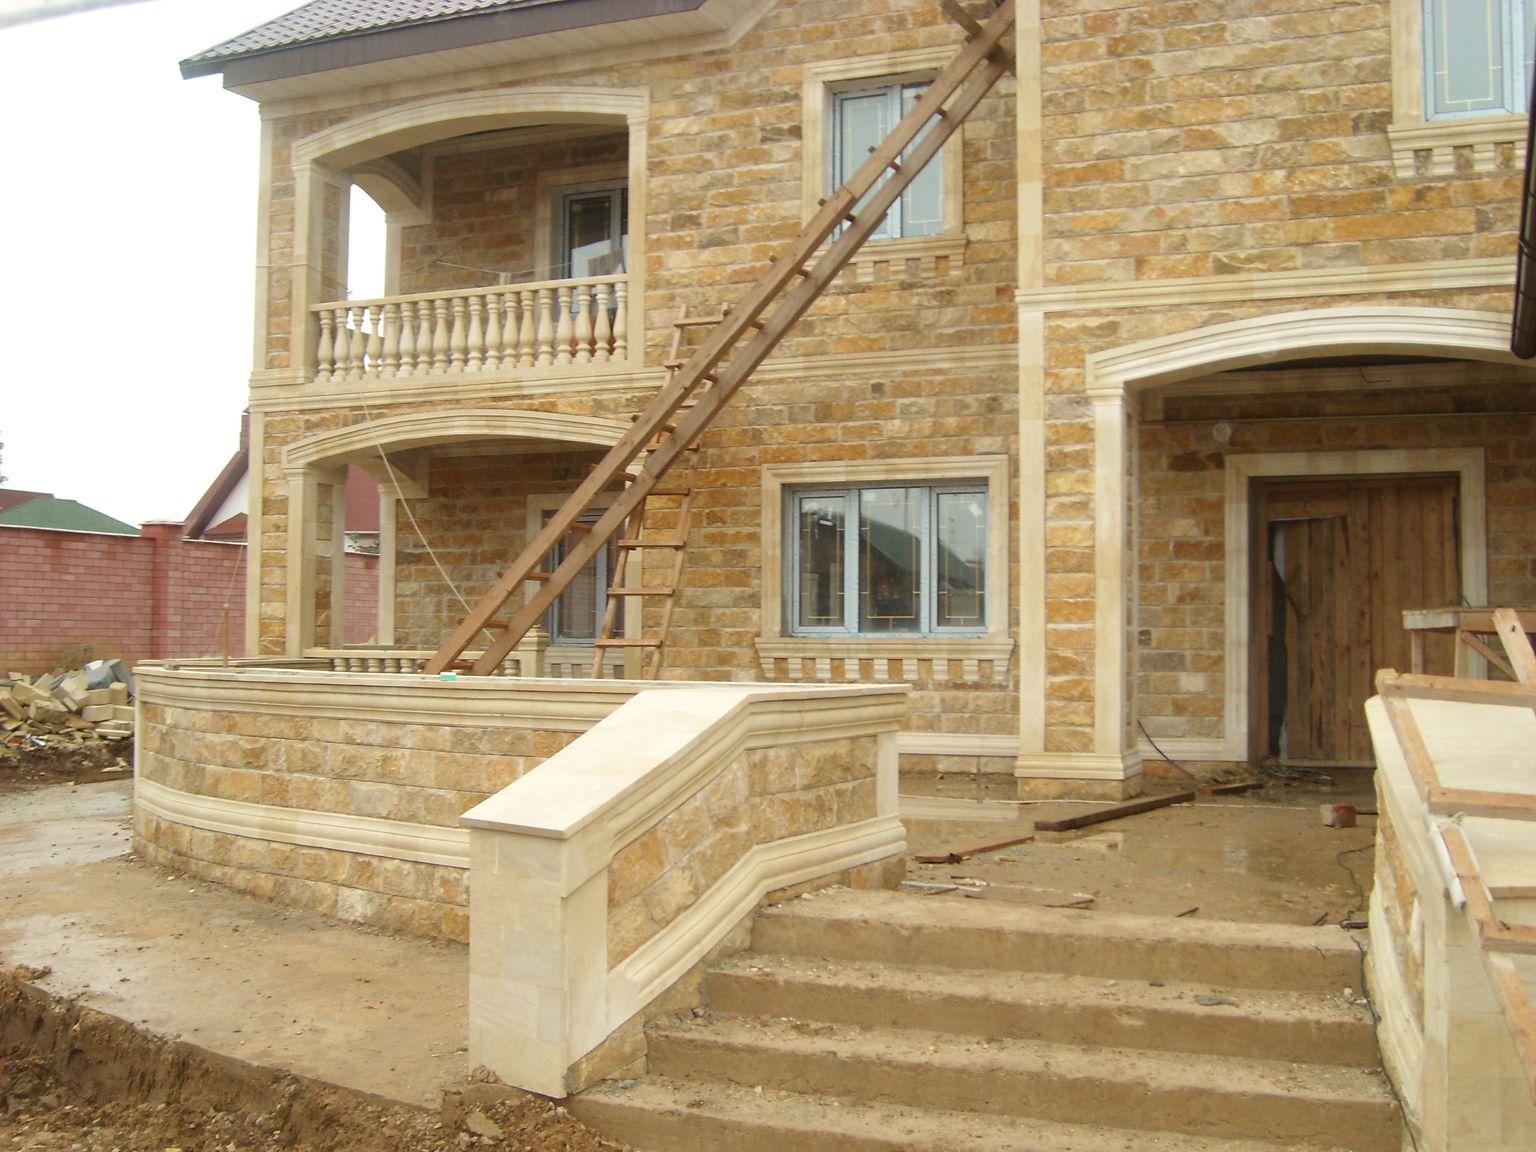 строительство дома с облицовкой дагестанским камнем